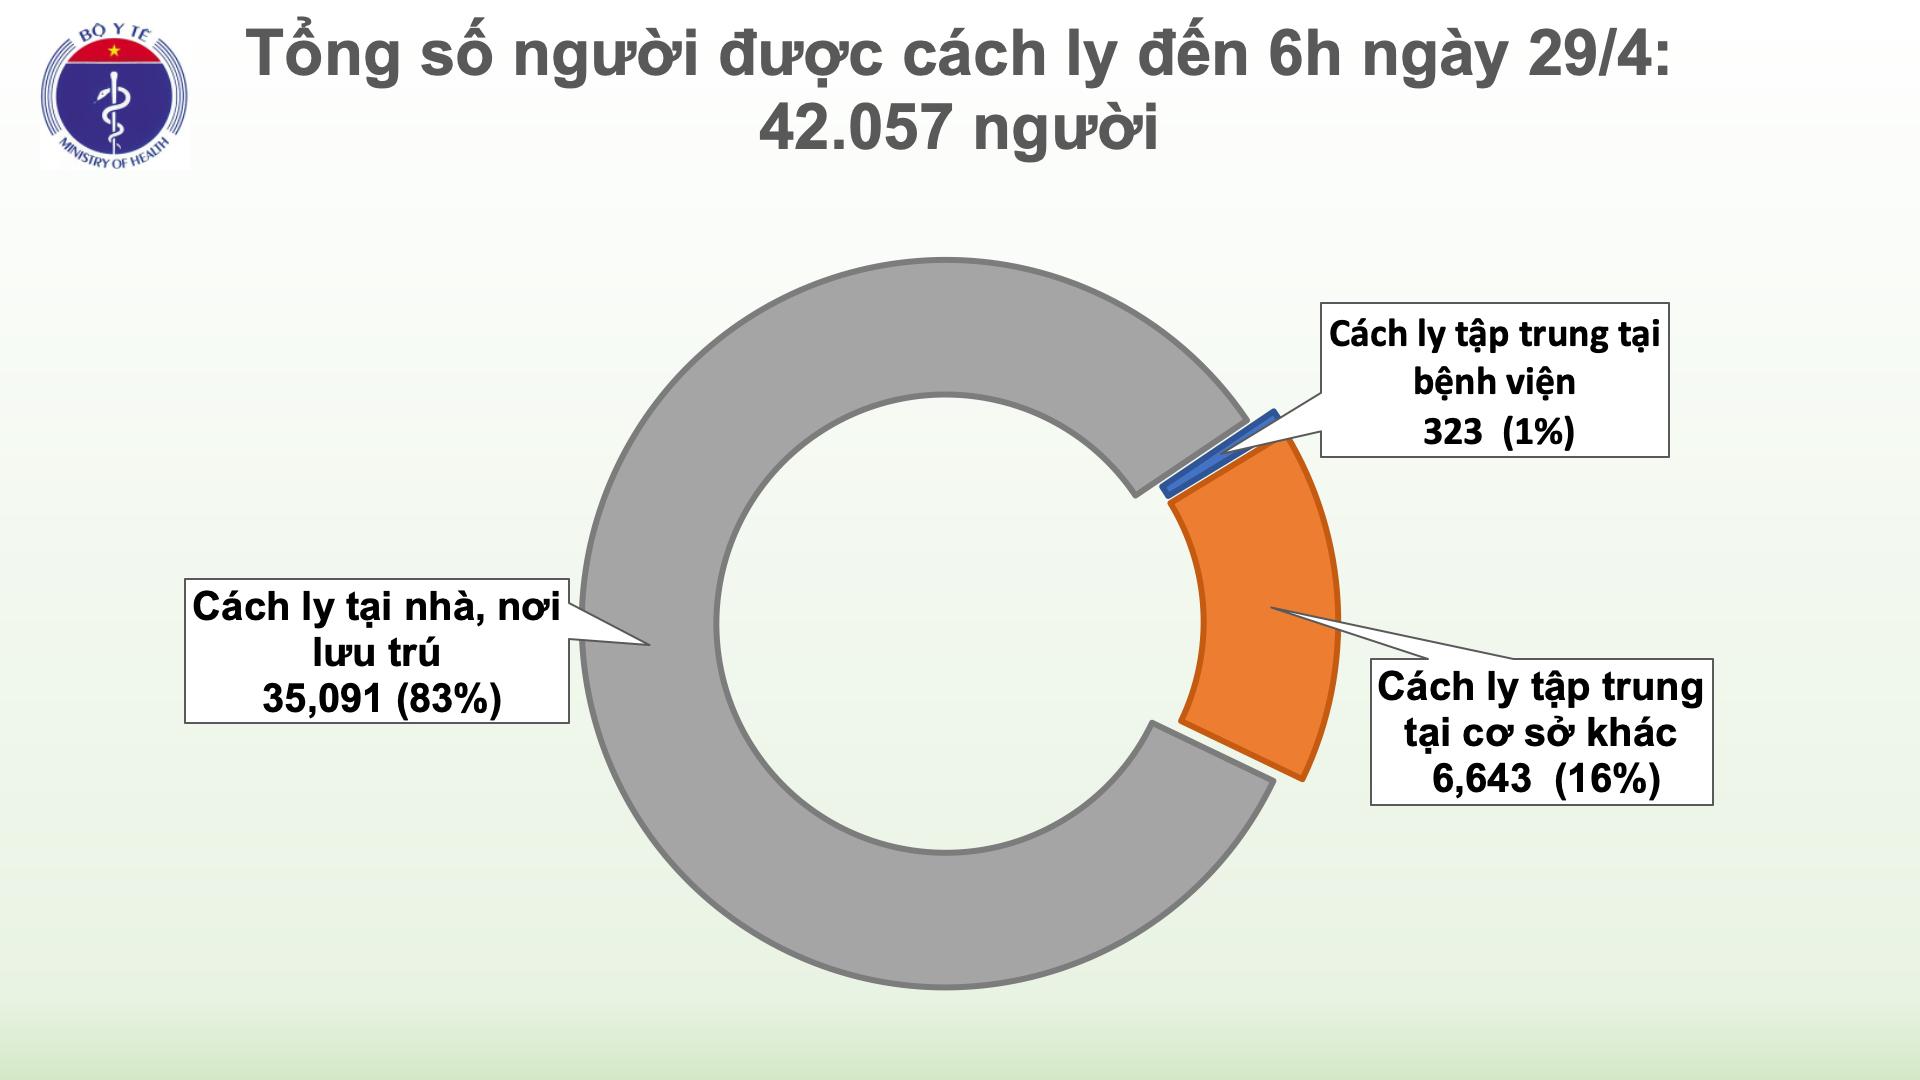 Sáng 29/4, không có ca mắc mới COVID-19, thêm 1 ca dương tính trở lại sau khi khỏi bệnh - Ảnh 3